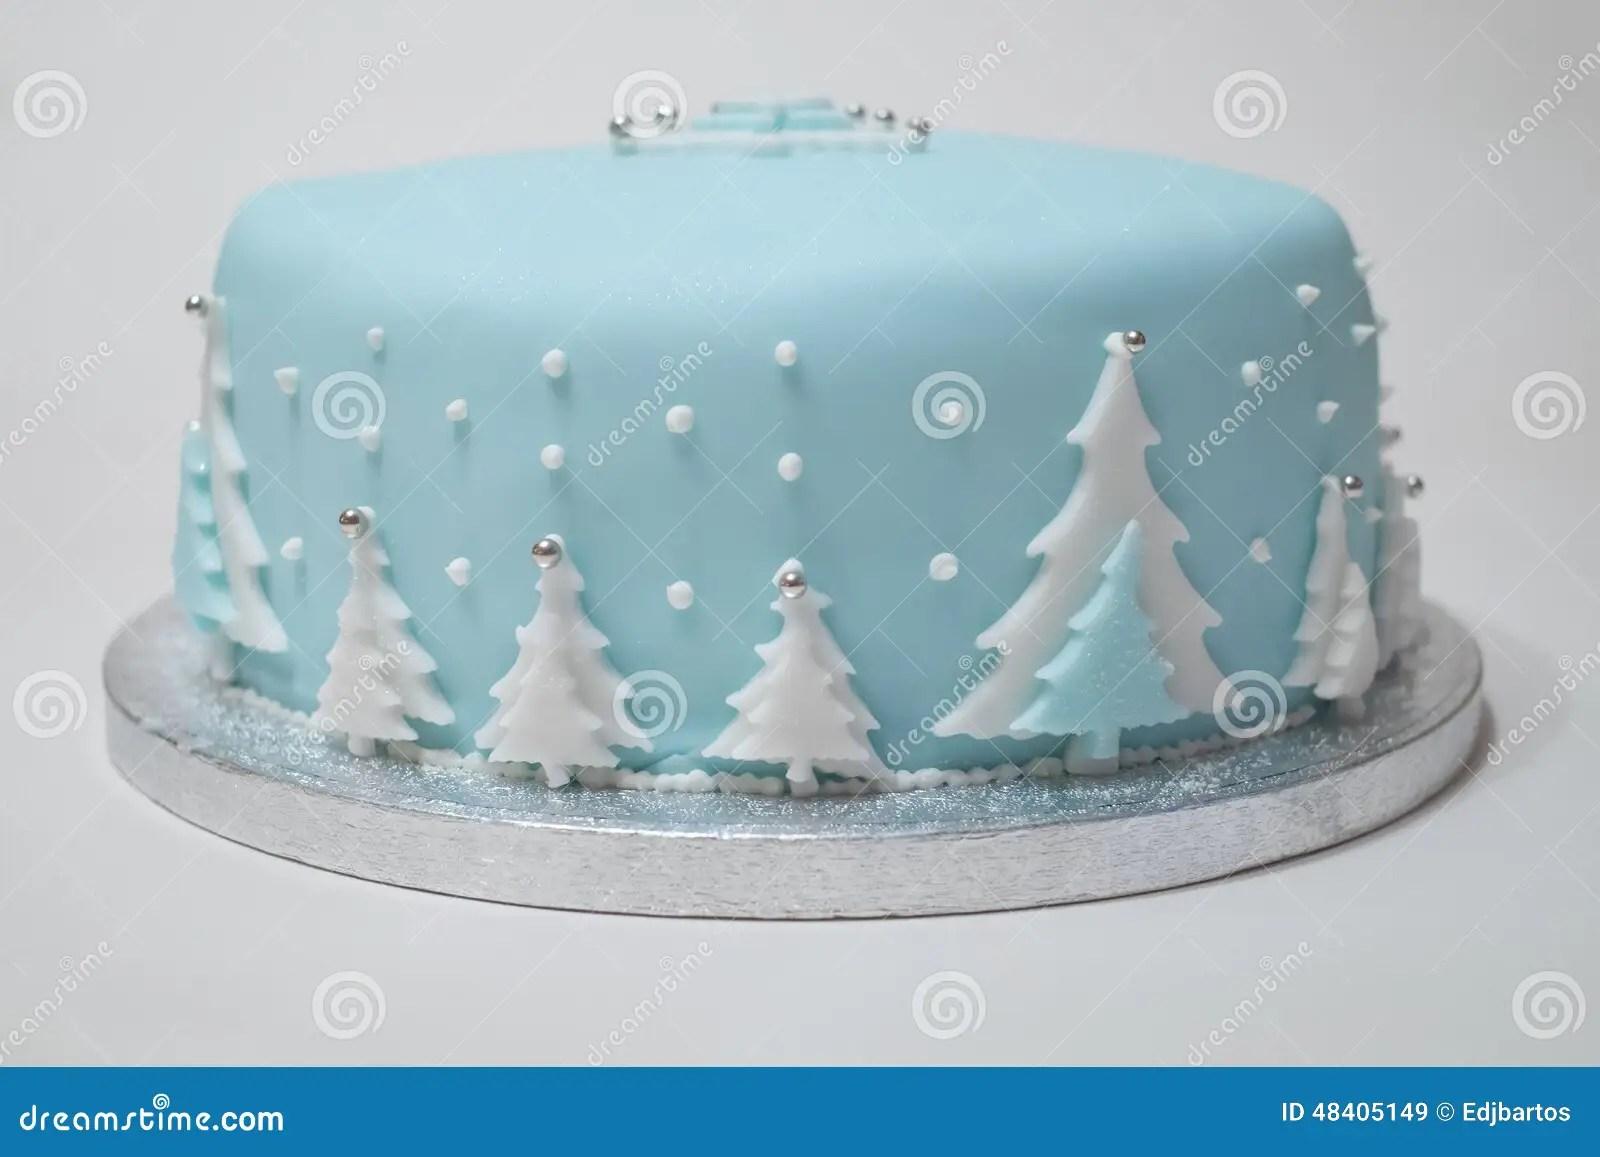 Christmas Cake Stock Image Image Of Iced Celebration